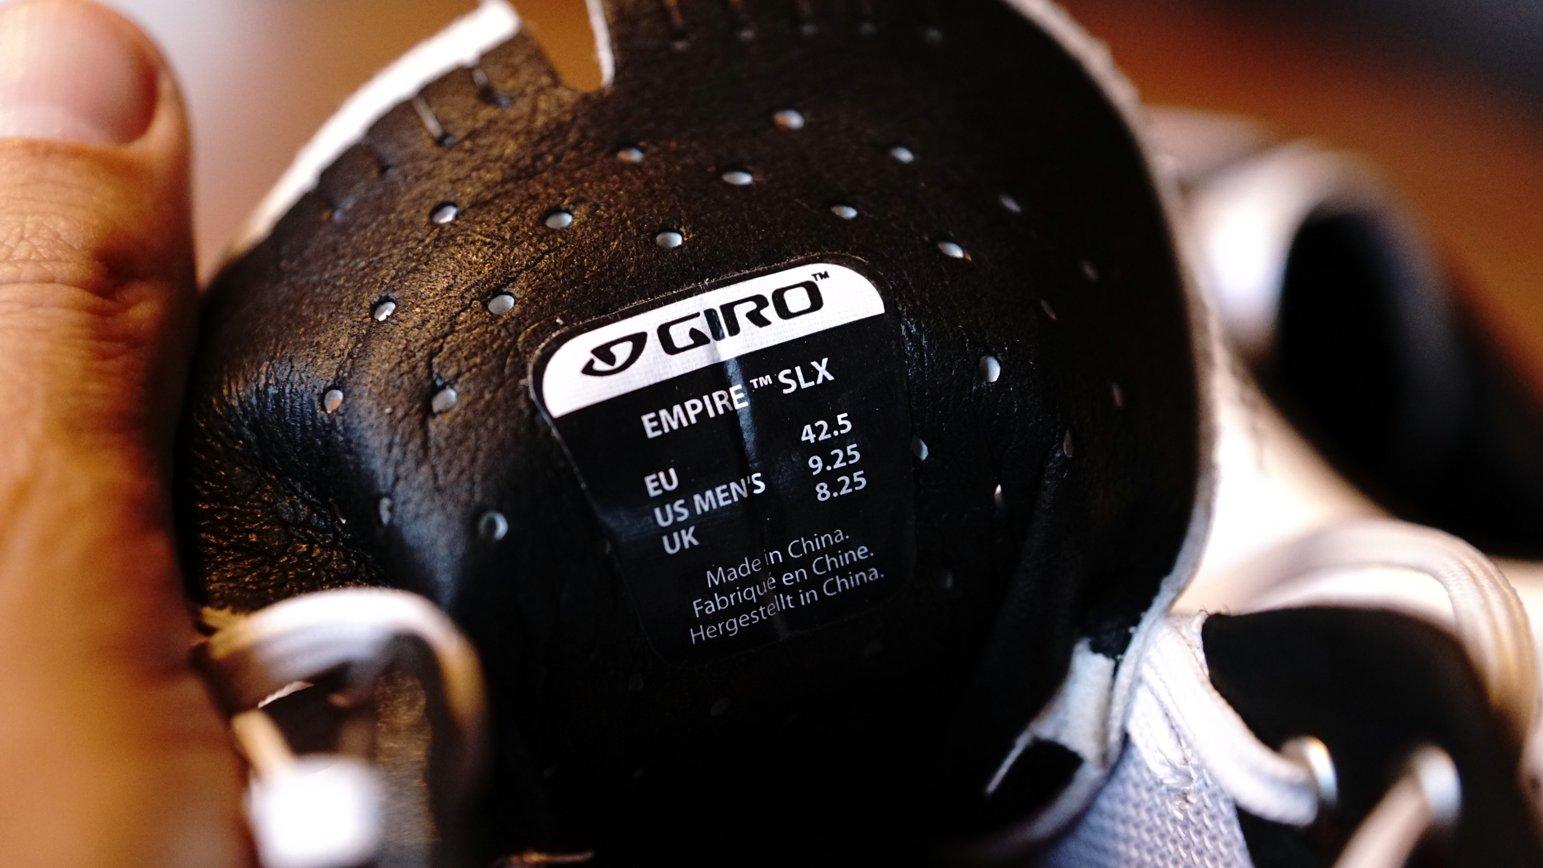 In Kalifornien entwickelt, in China gefertigt. Letzteres trifft auf nahezu jeden Schuh am Markt zu.